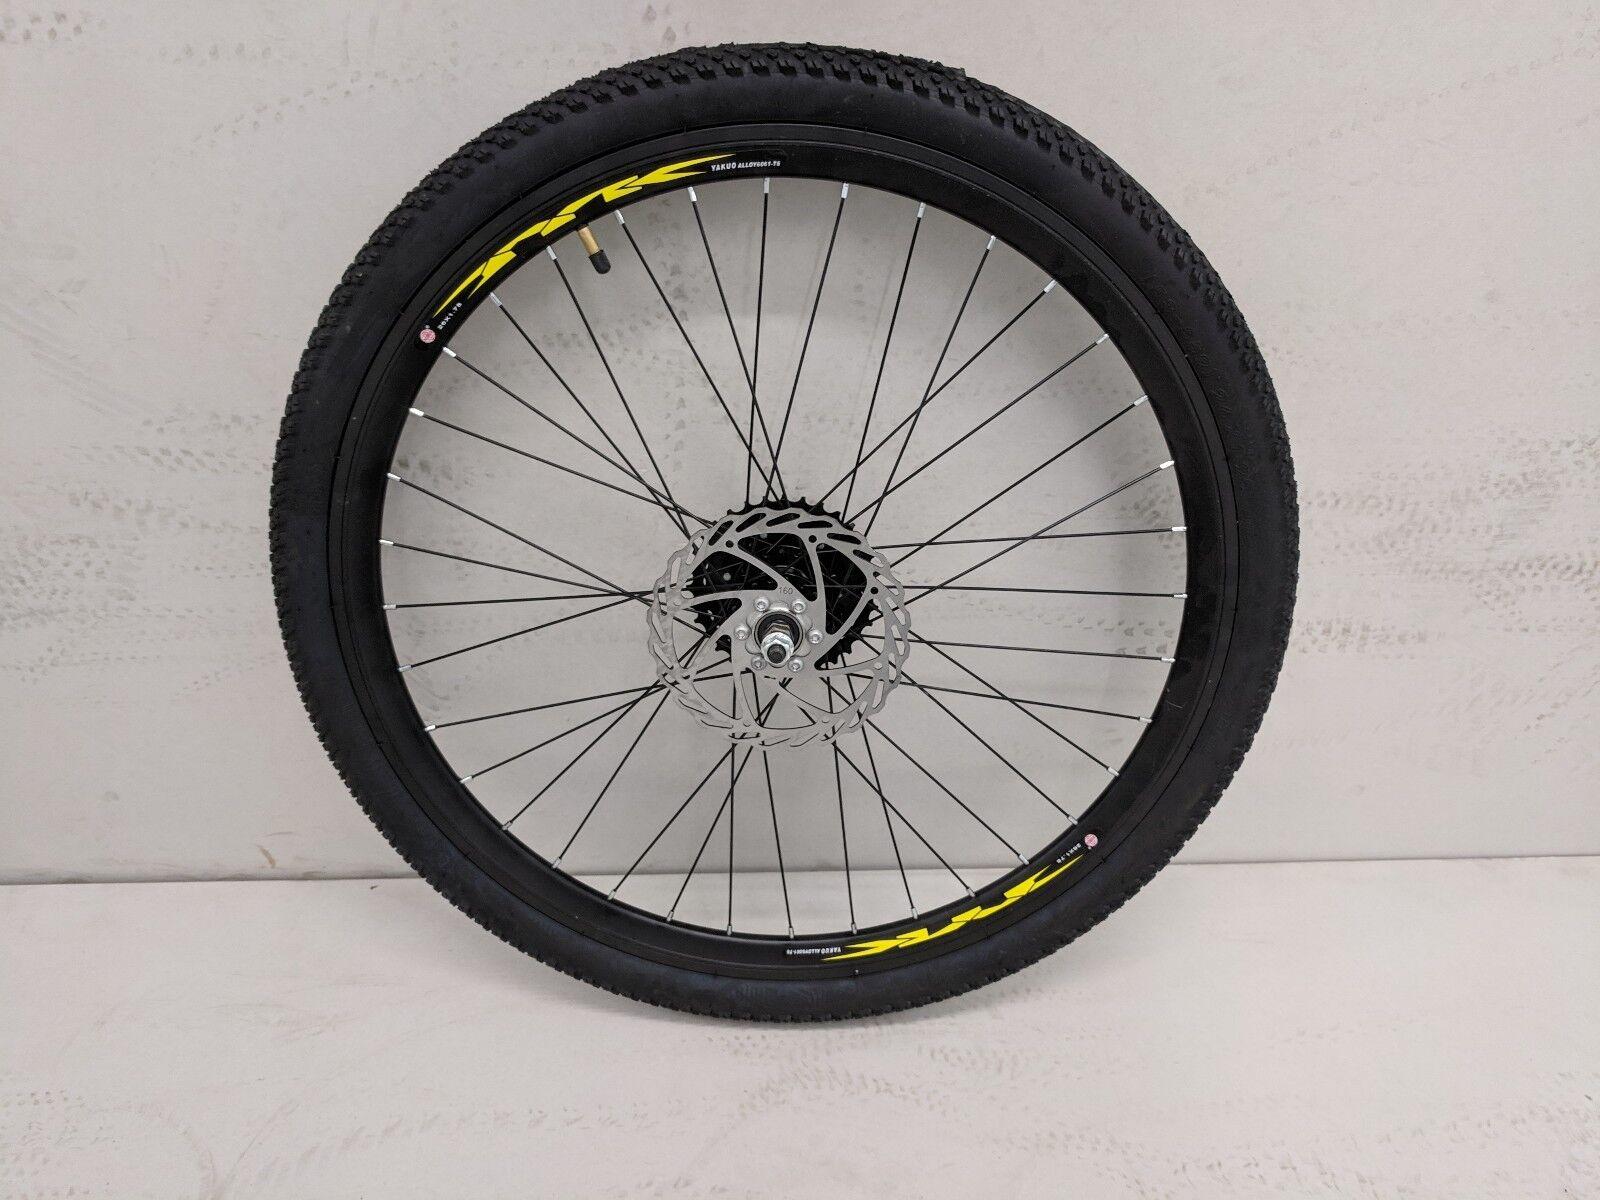 26 26 26   Komplett Hinterrad mit Reifen,8 Gang Shimano Kassette,160mm Scheibenläufer 76a4f1